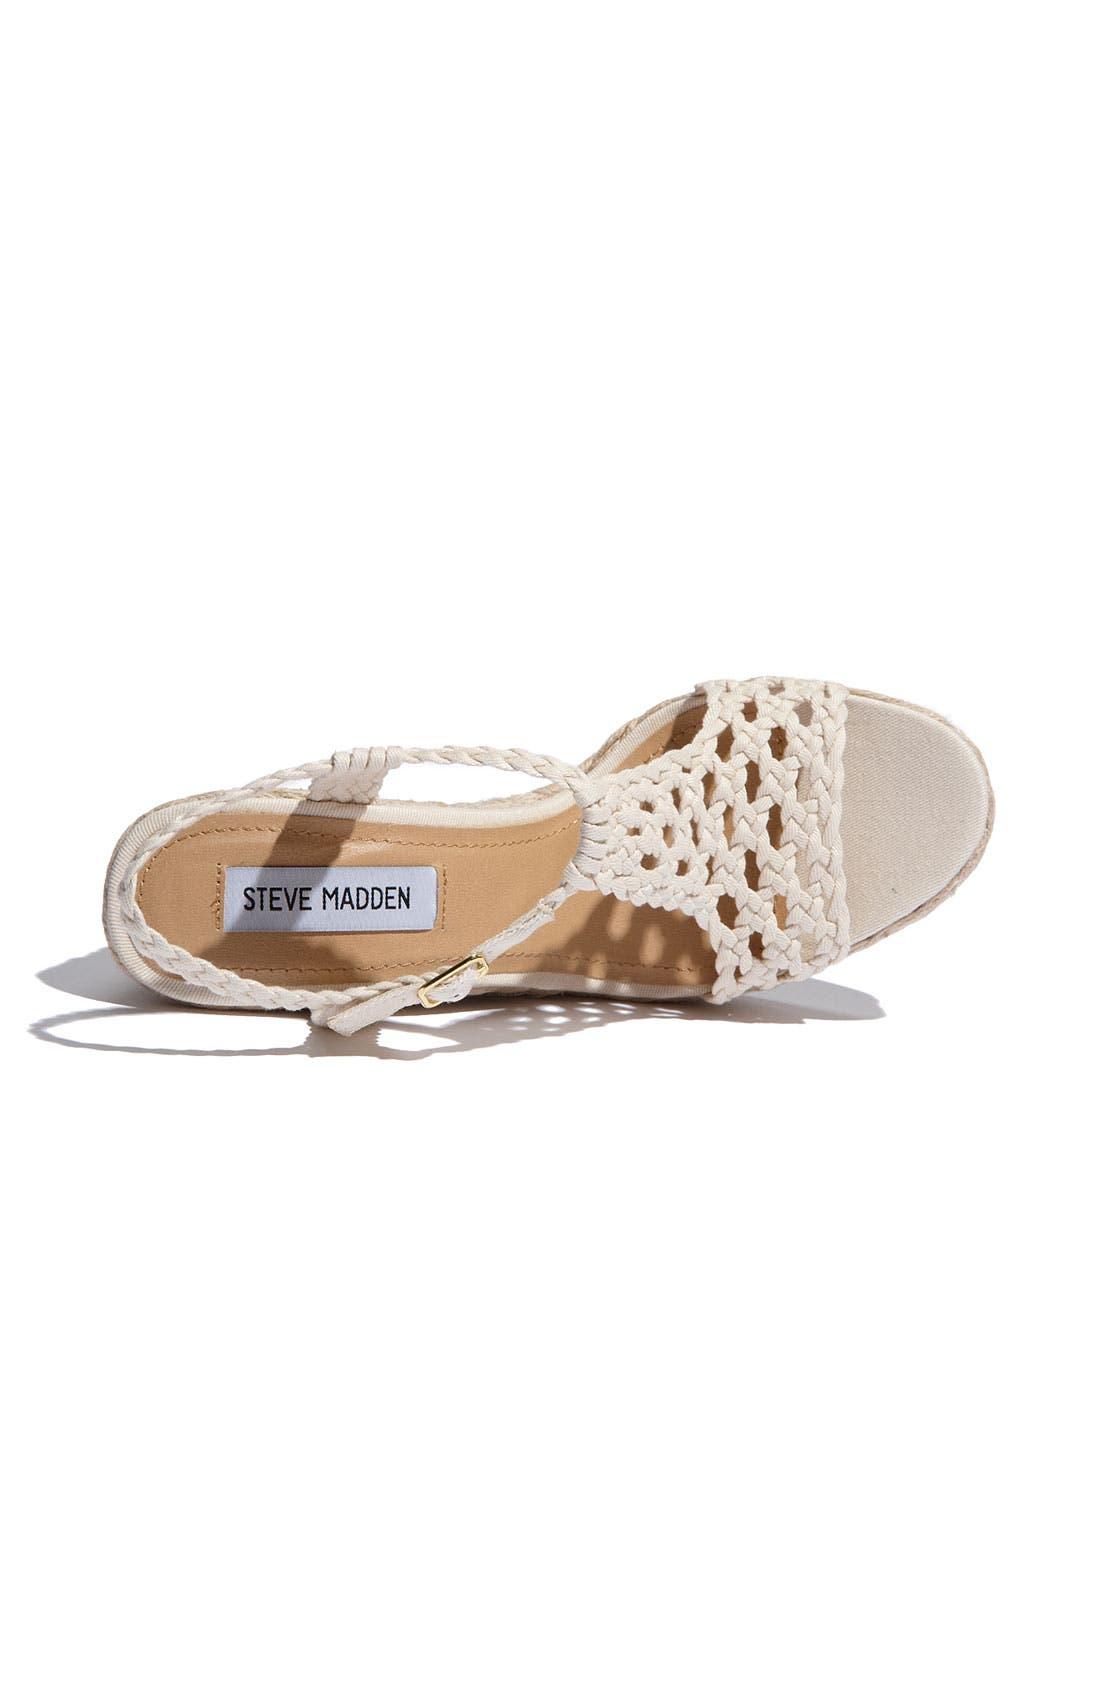 Alternate Image 3  - Steve Madden 'Manngo' Woven Sandal